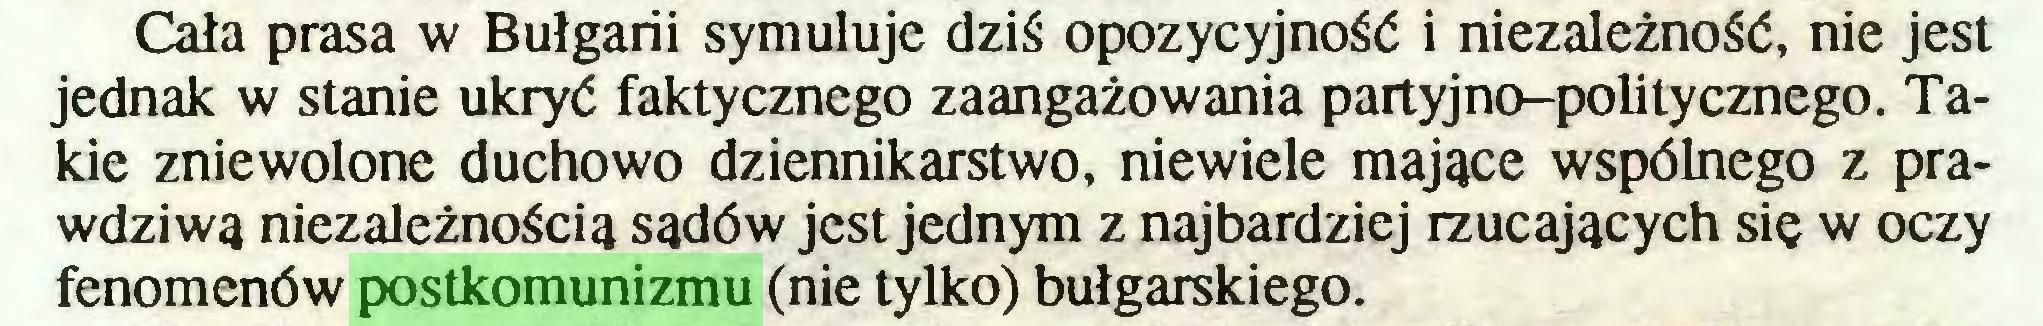 (...) Cała prasa w Bułgarii symuluje dziś opozycyjność i niezależność, nie jest jednak w stanie ukryć faktycznego zaangażowania partyjno-politycznego. Takie zniewolone duchowo dziennikarstwo, niewiele mające wspólnego z prawdziwą niezależnością sądów jest jednym z najbardziej rzucających się w oczy fenomenów postkomunizmu (nie tylko) bułgarskiego...